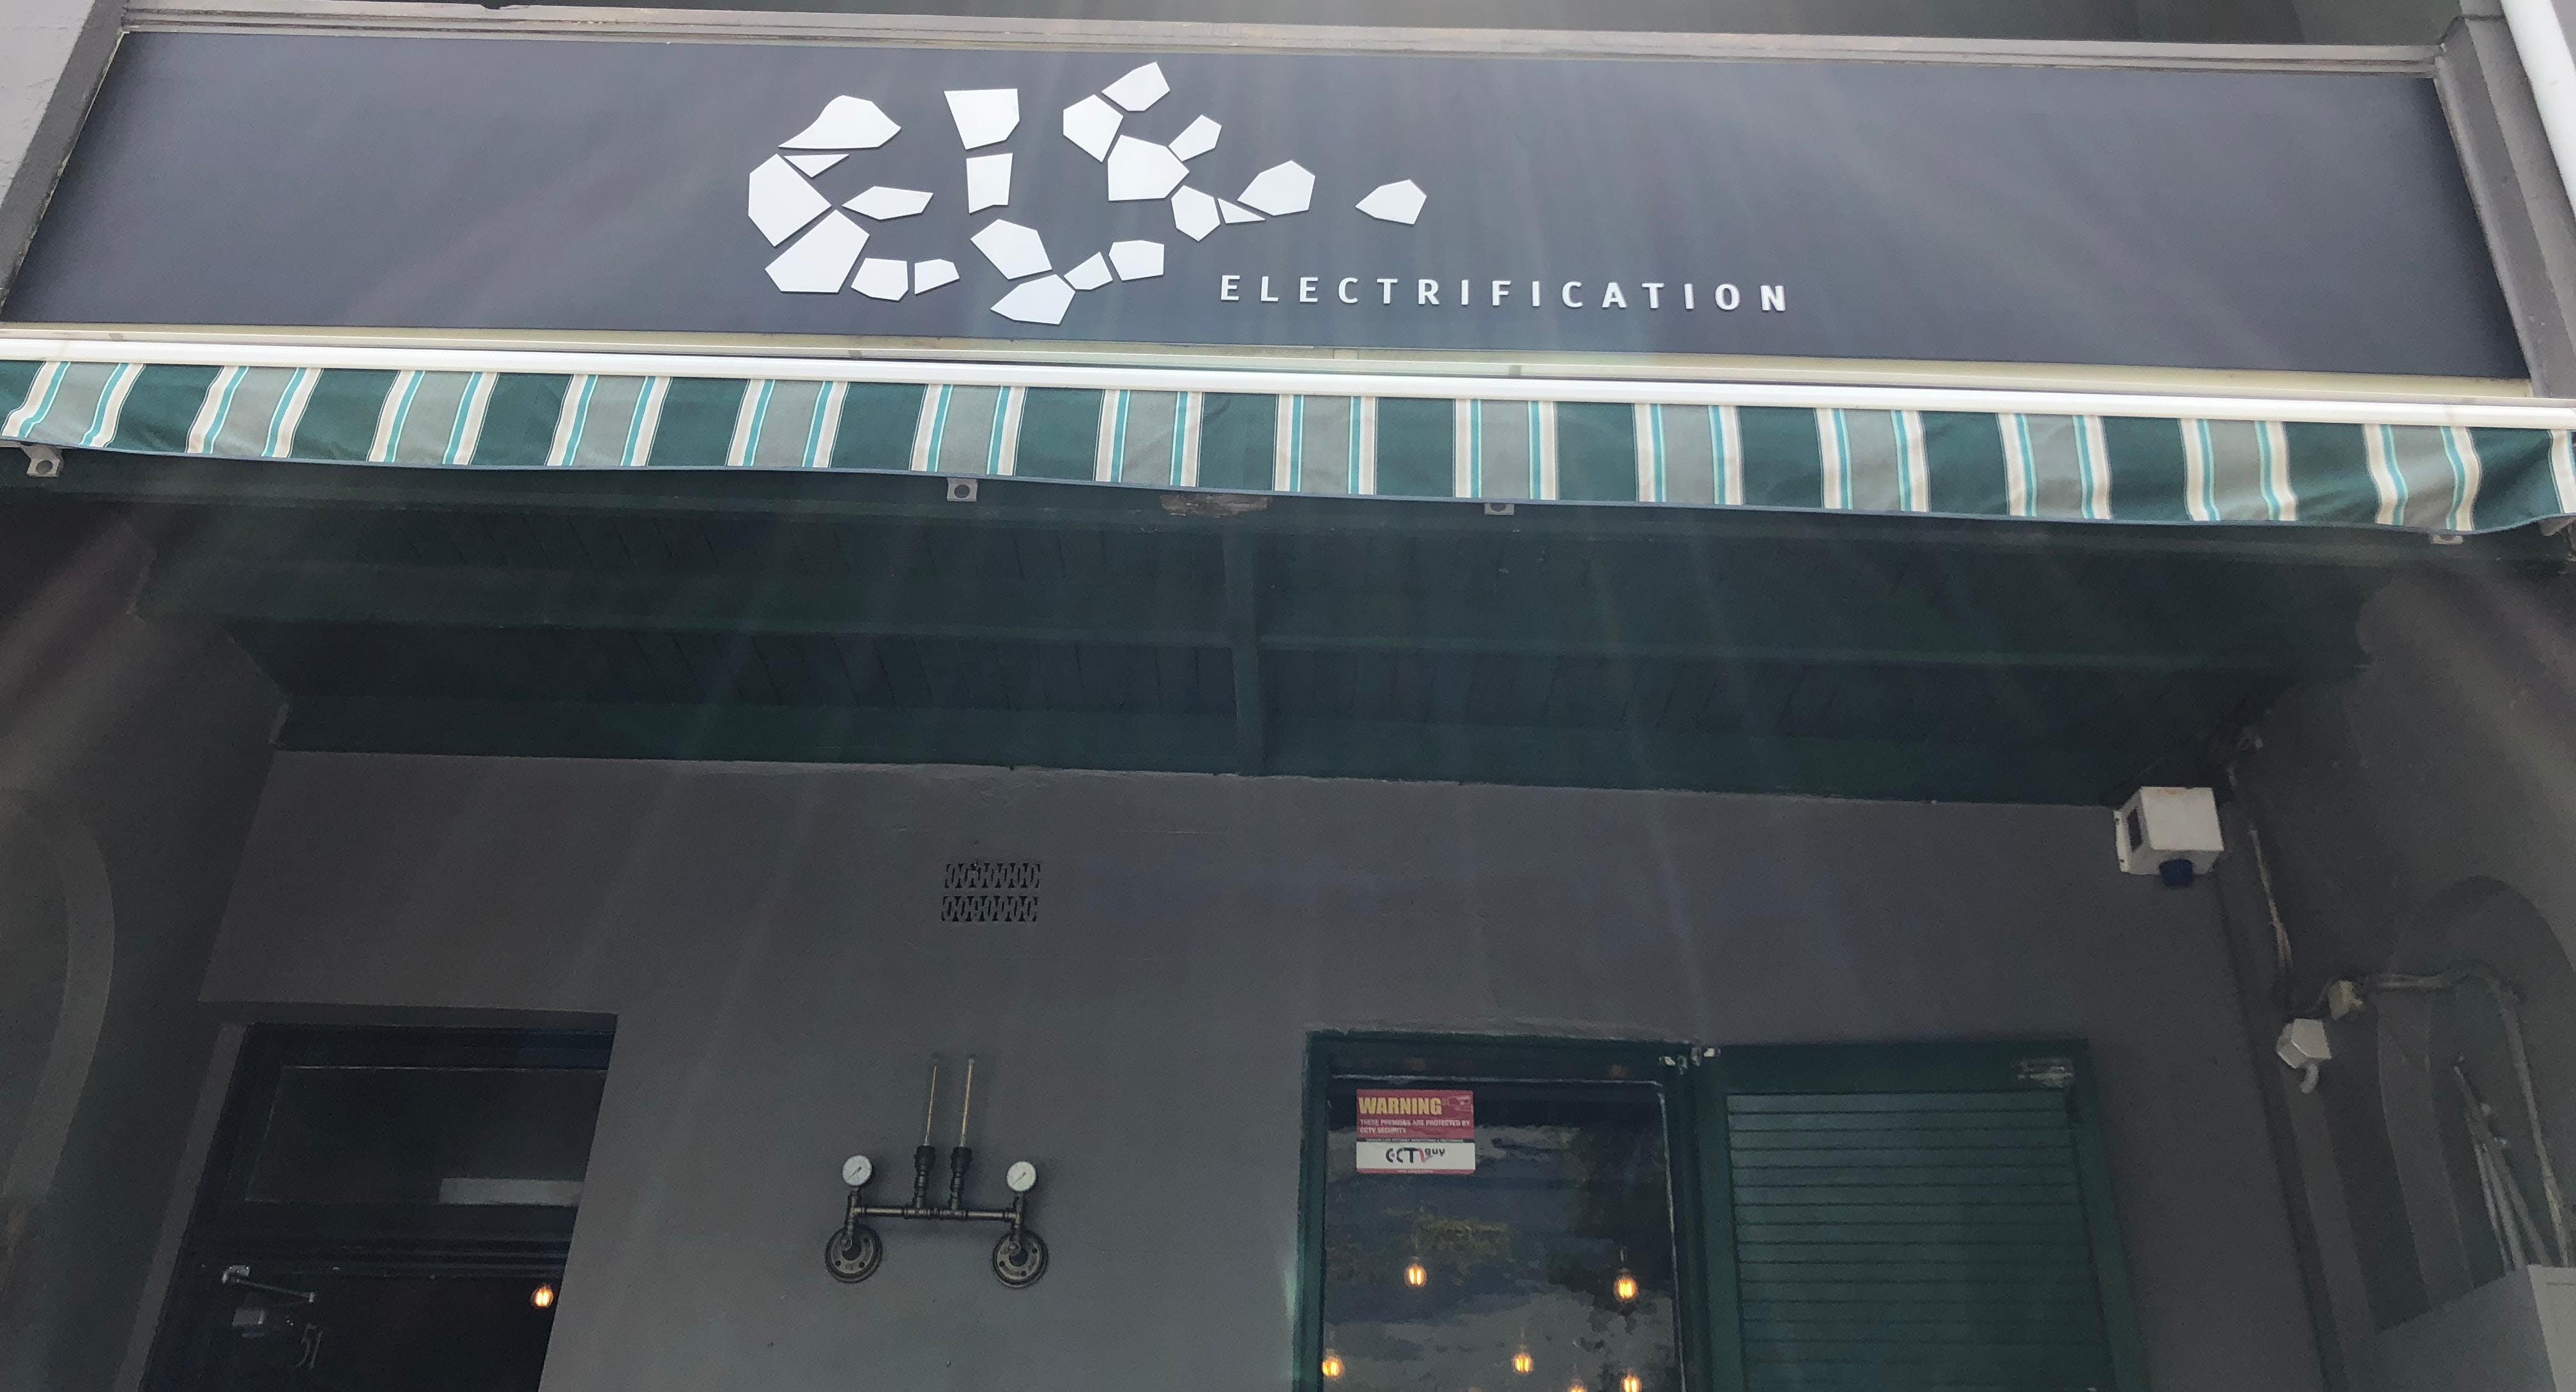 Electrification Sydney image 3